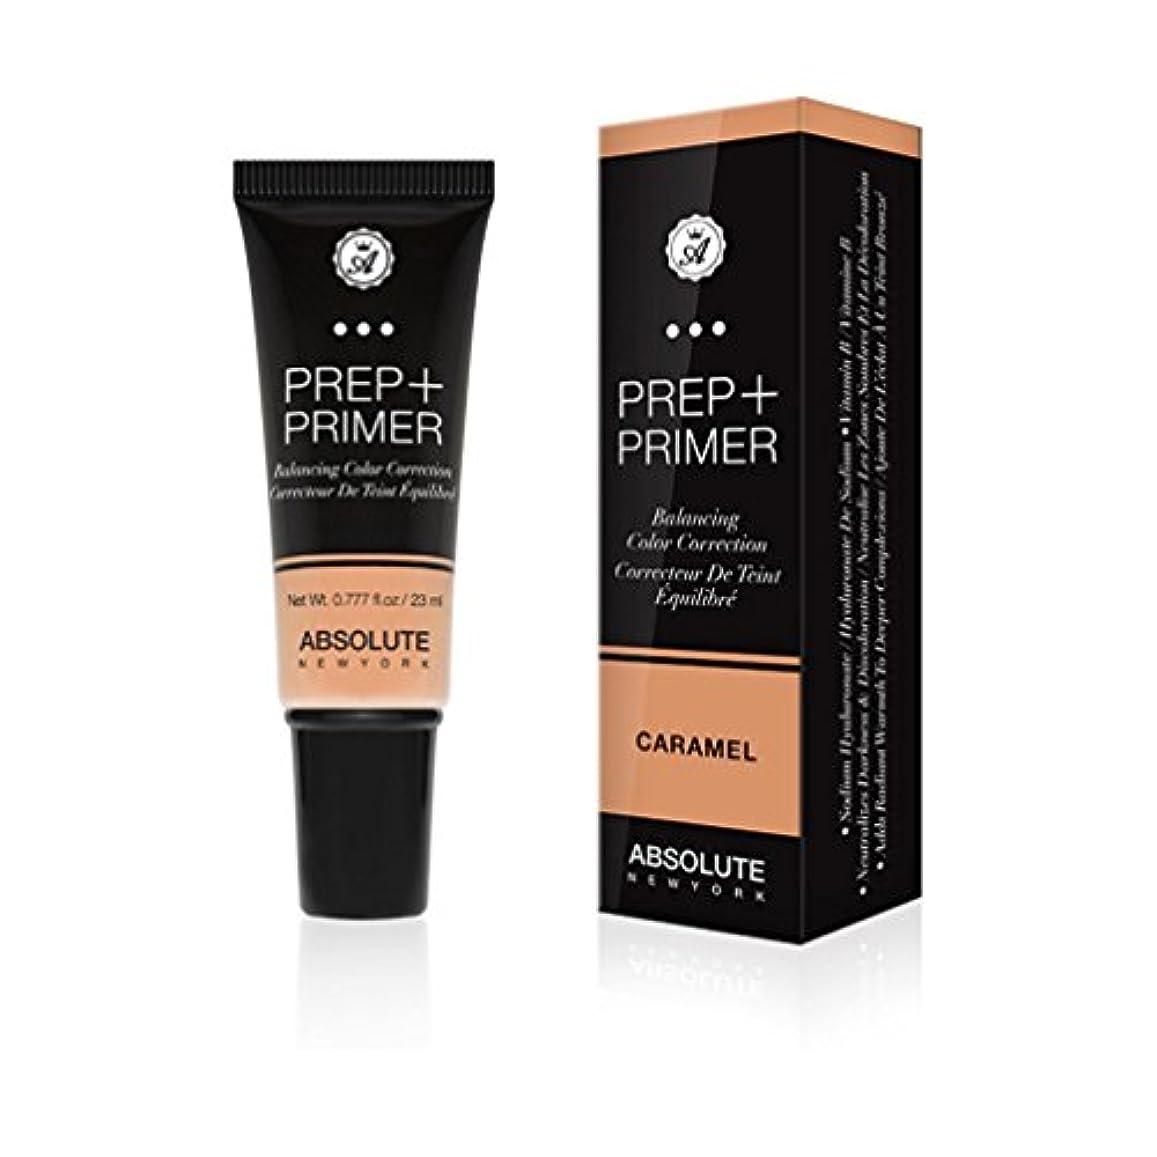 流体フリッパーもっと少なく(3 Pack) ABSOLUTE Prep + Primer - Caramel (並行輸入品)